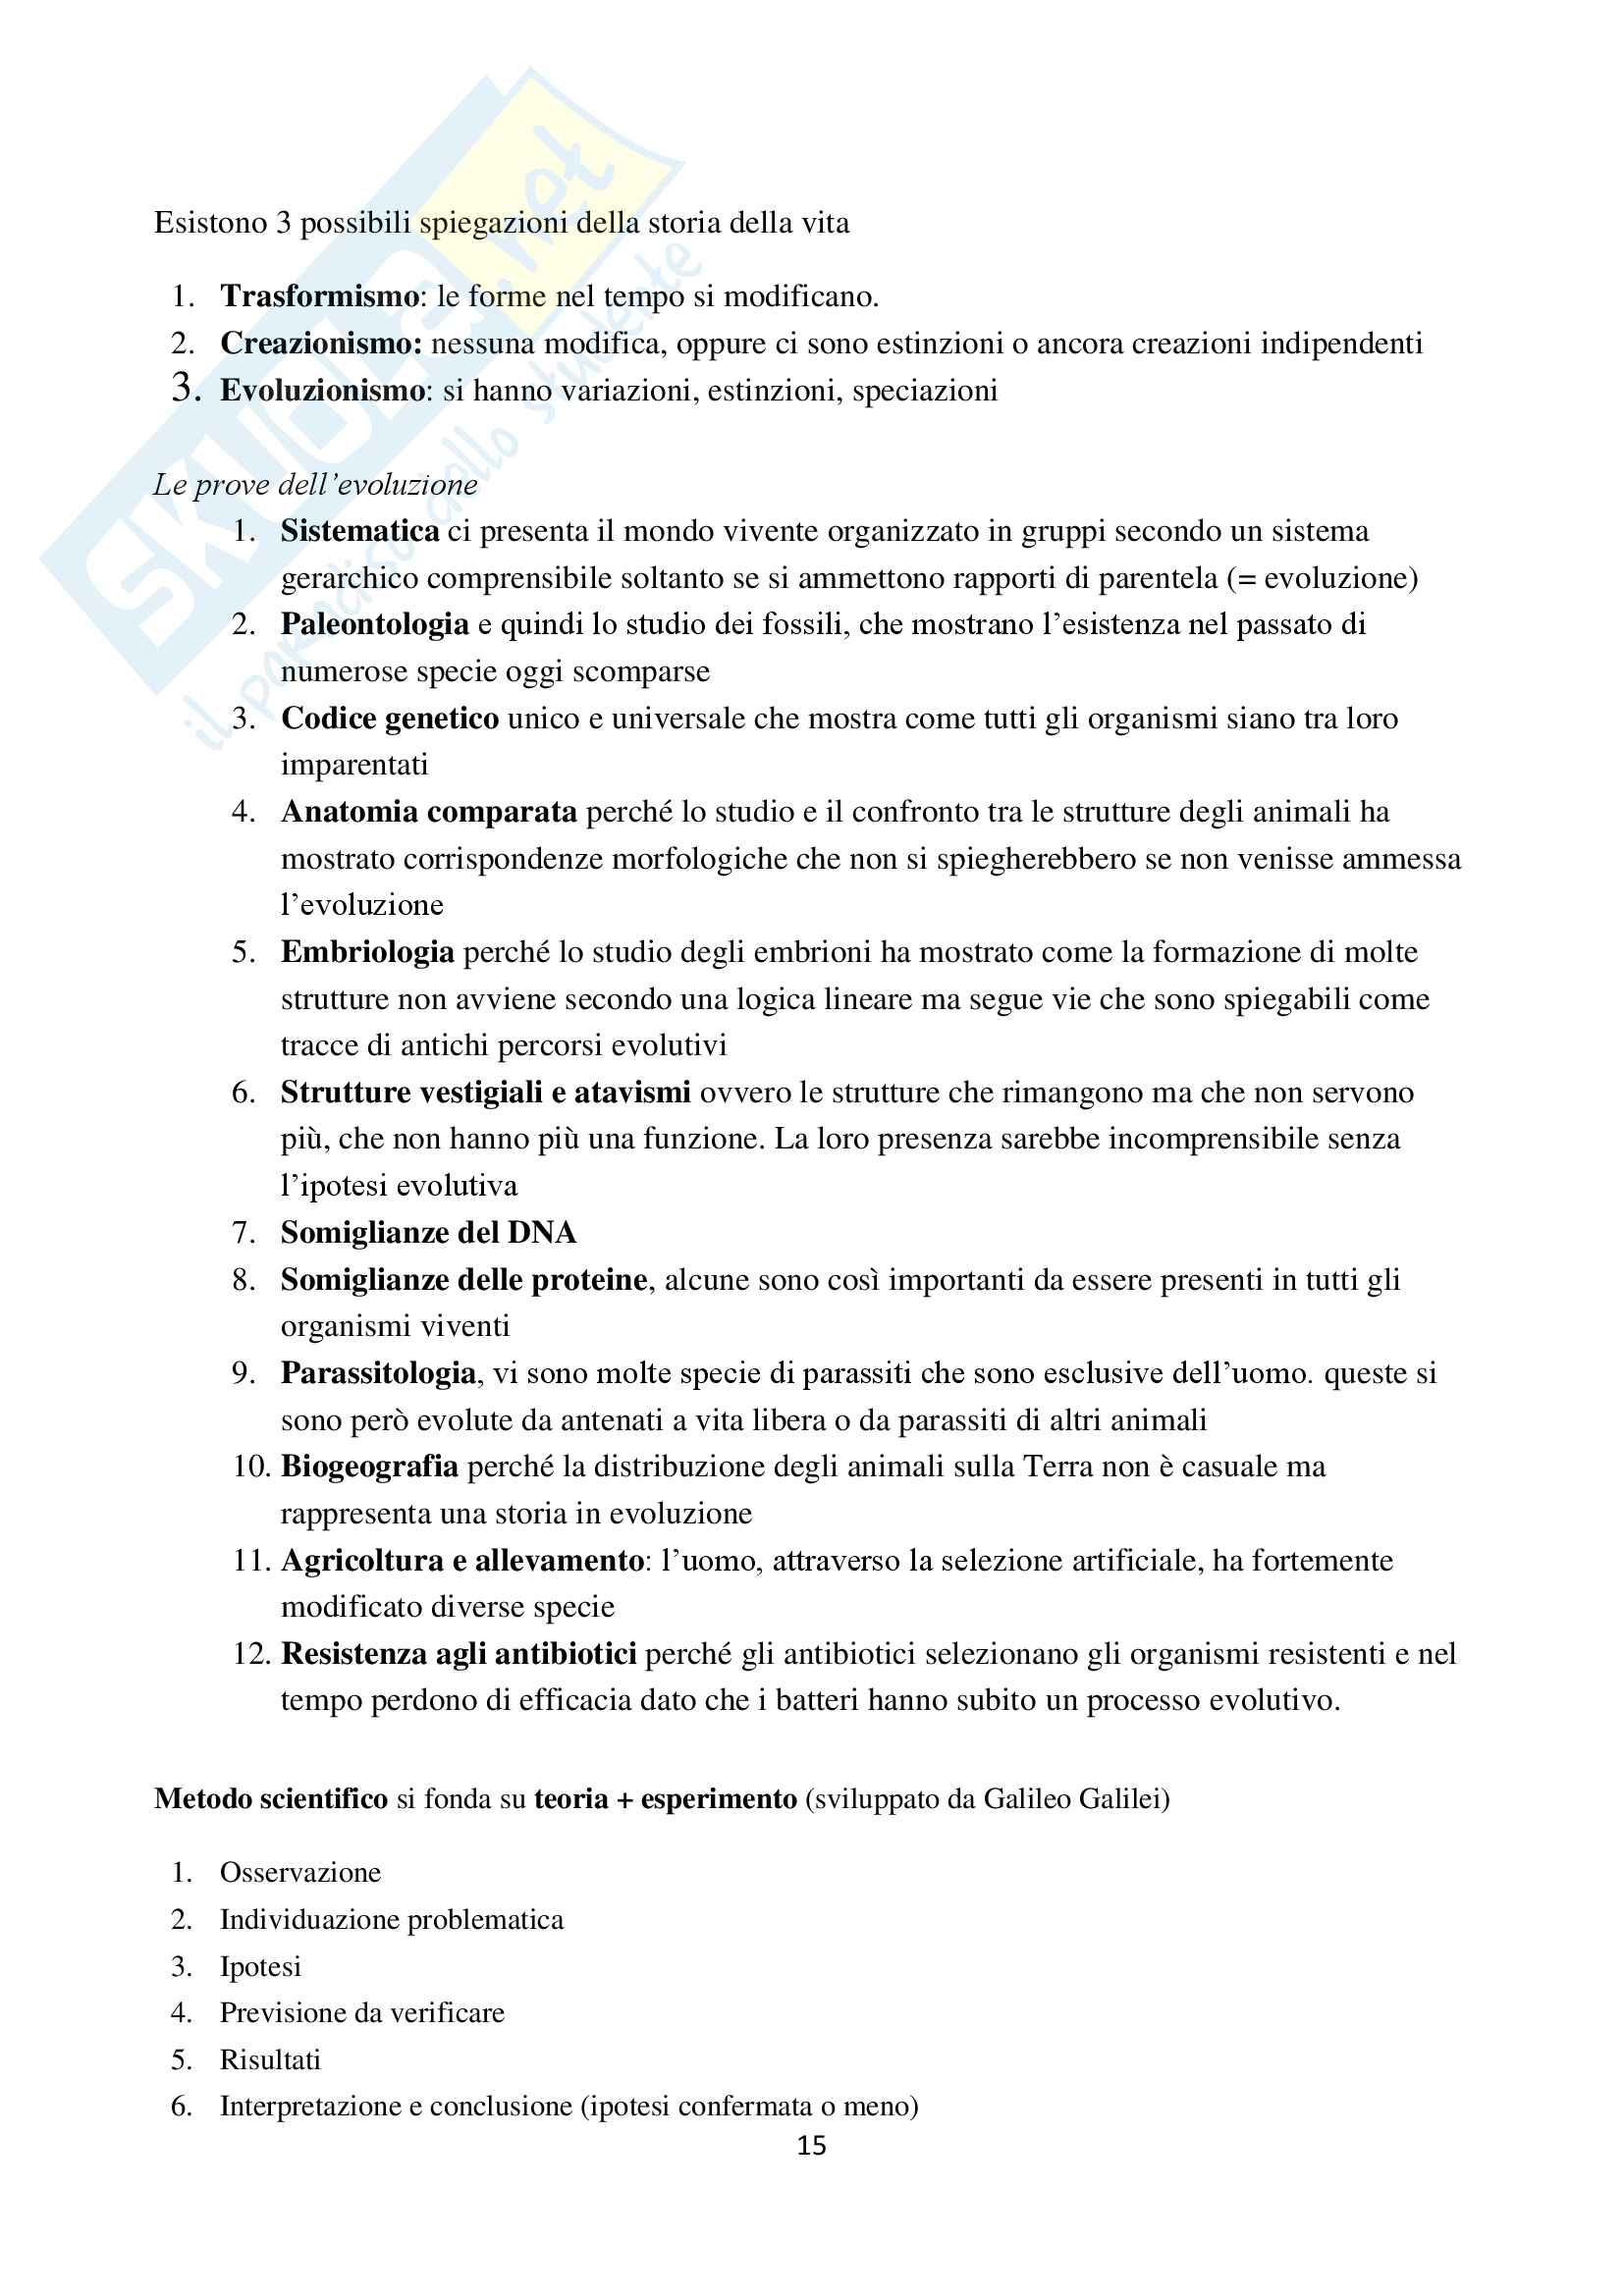 Appunti di Zoologia per l'esame del corso di laurea triennale in Scienze Biologiche (Università Milano Bicocca) Pag. 16